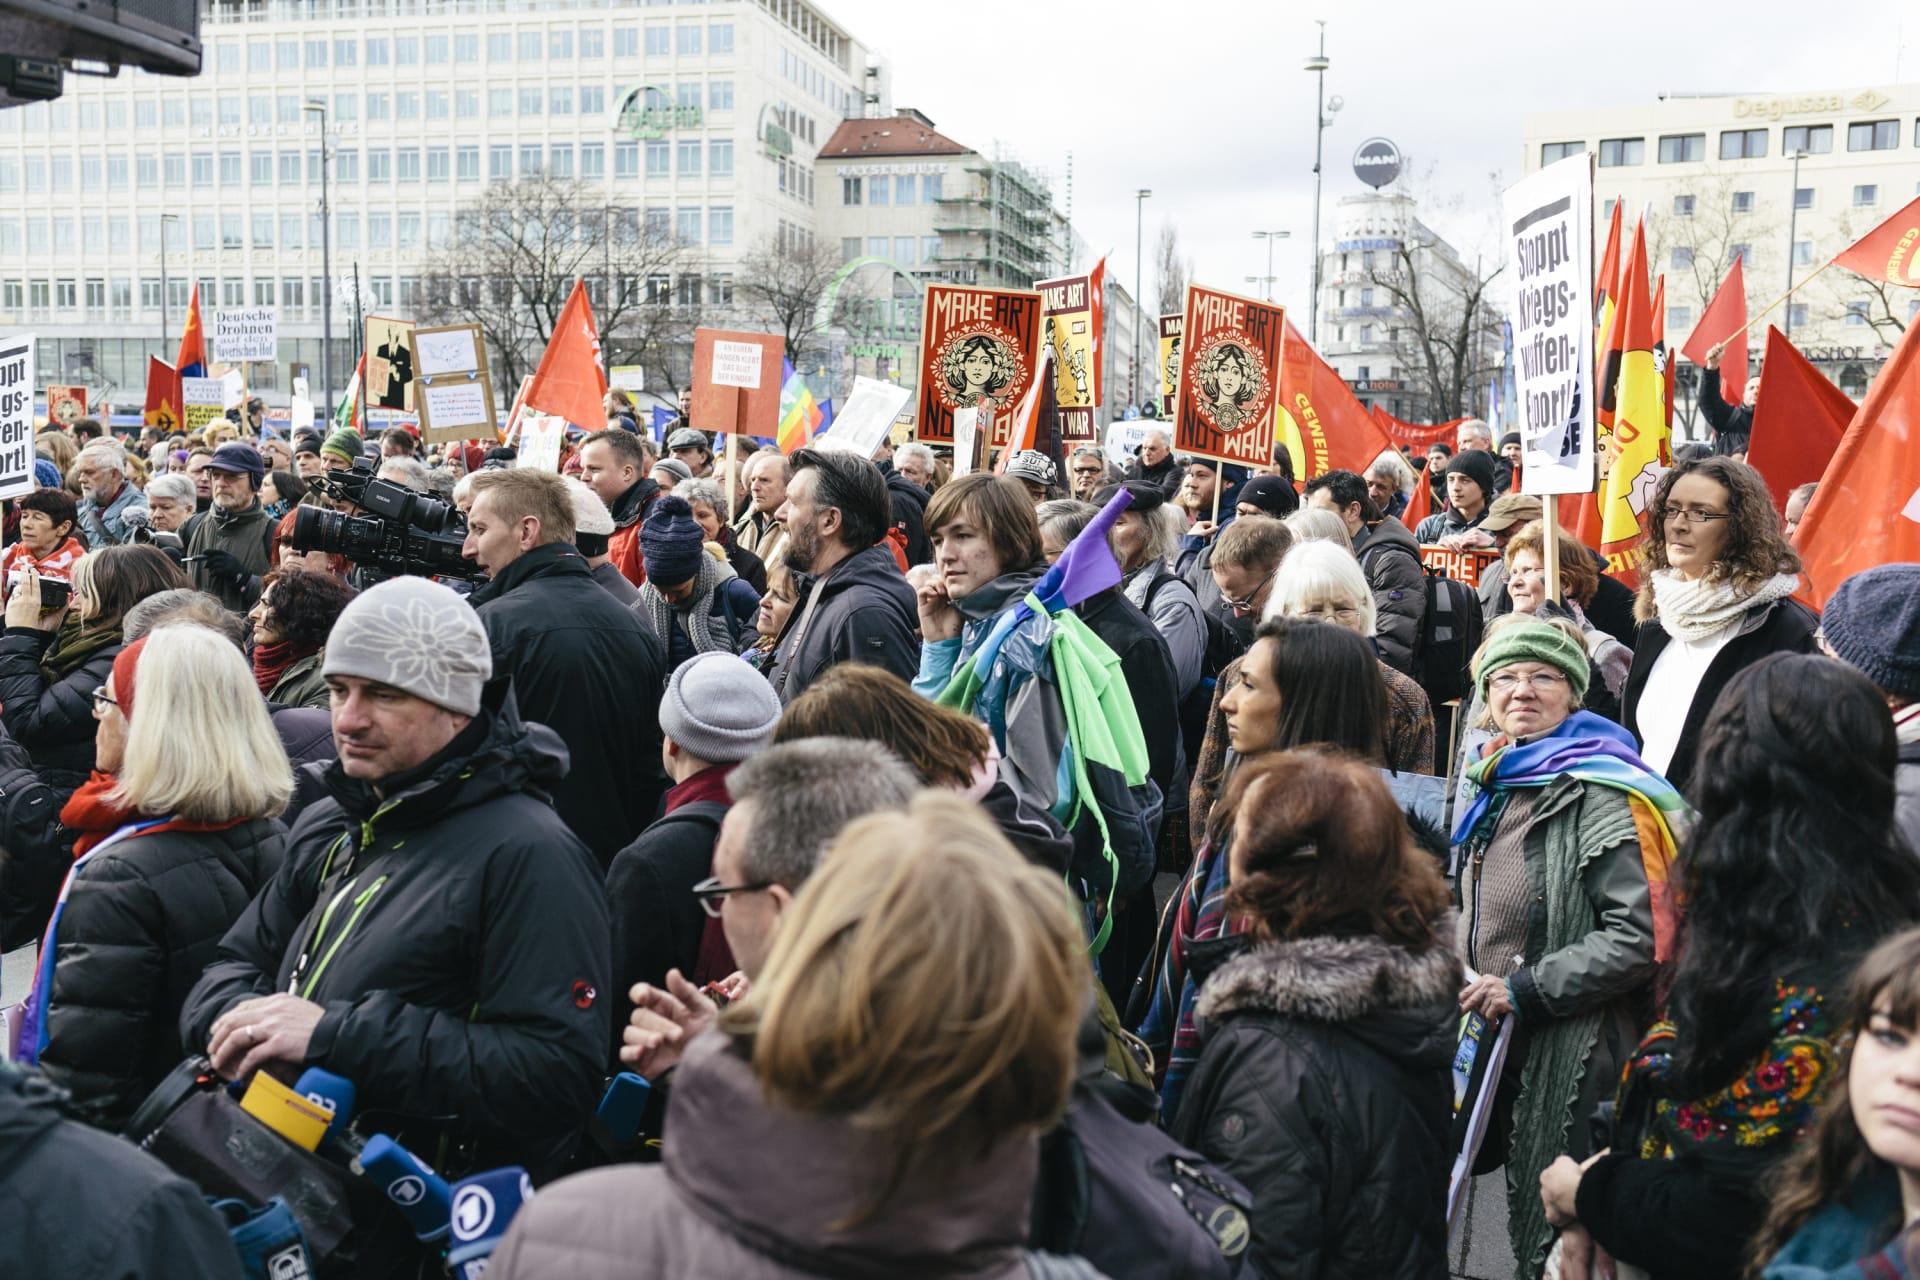 Münchner Sicherheitskonferenz #AntiSIKO